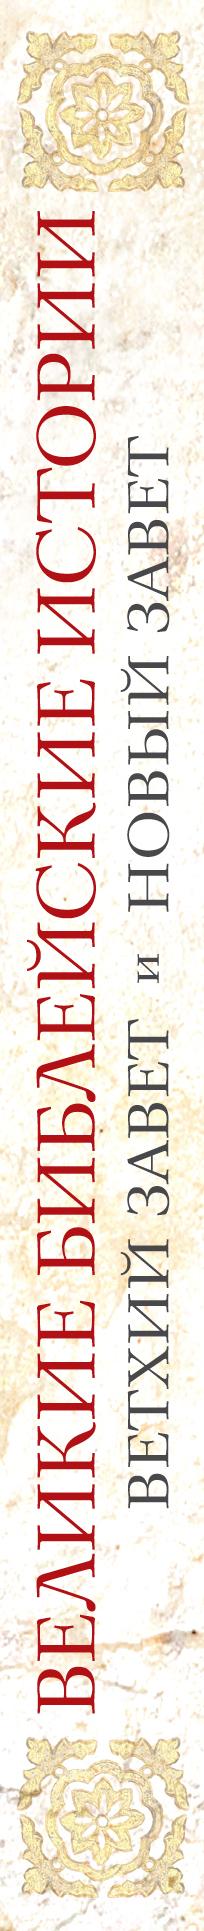 Великие библейские истории. Ветхий Завет и Новый Завет